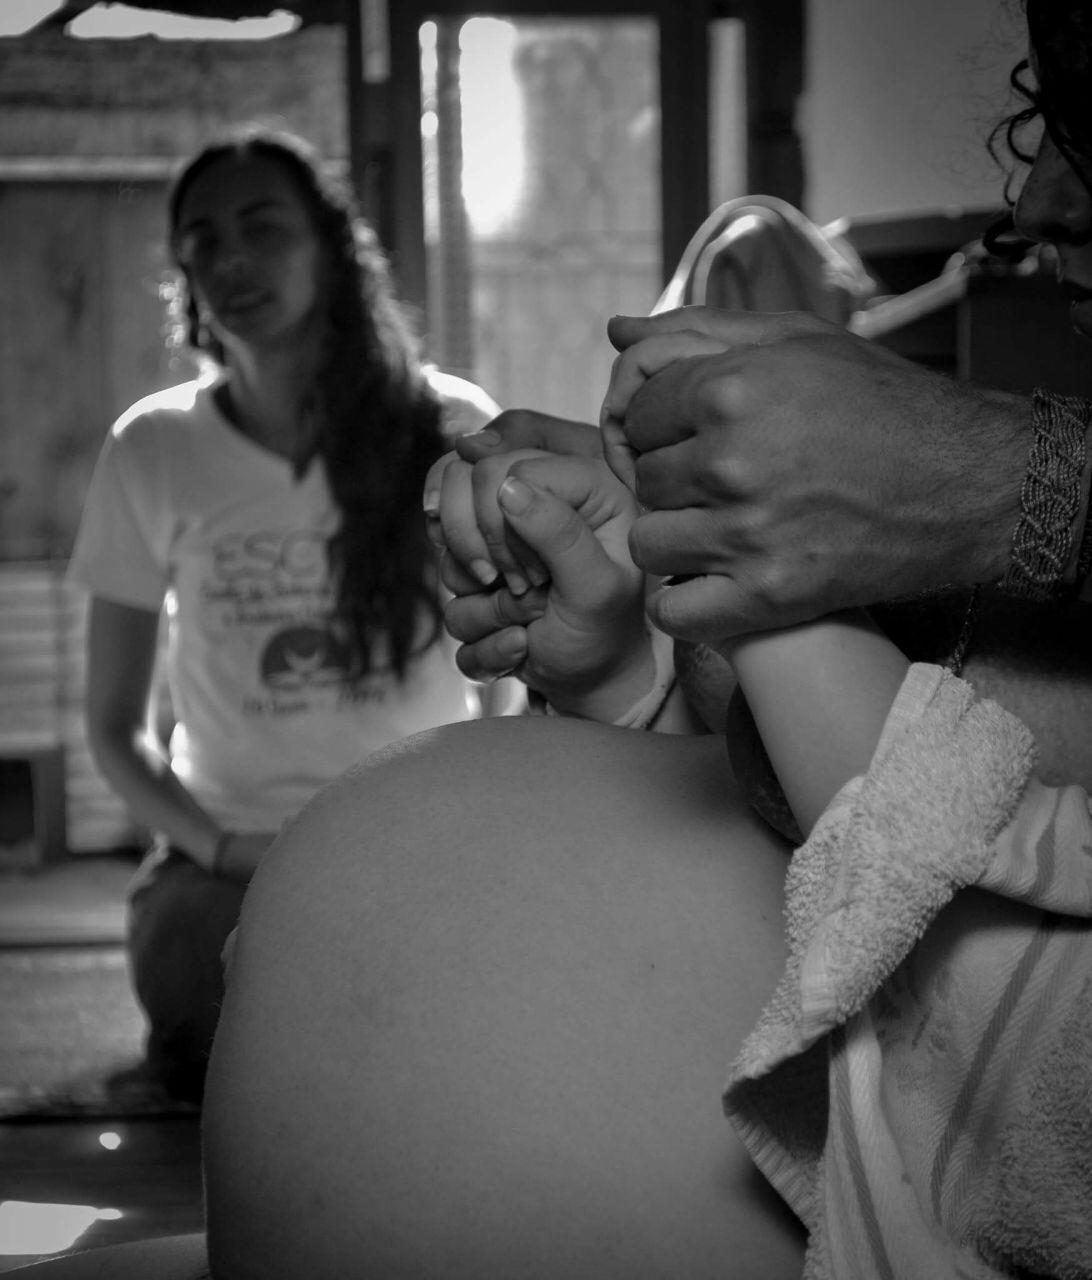 partos humanizados bauru